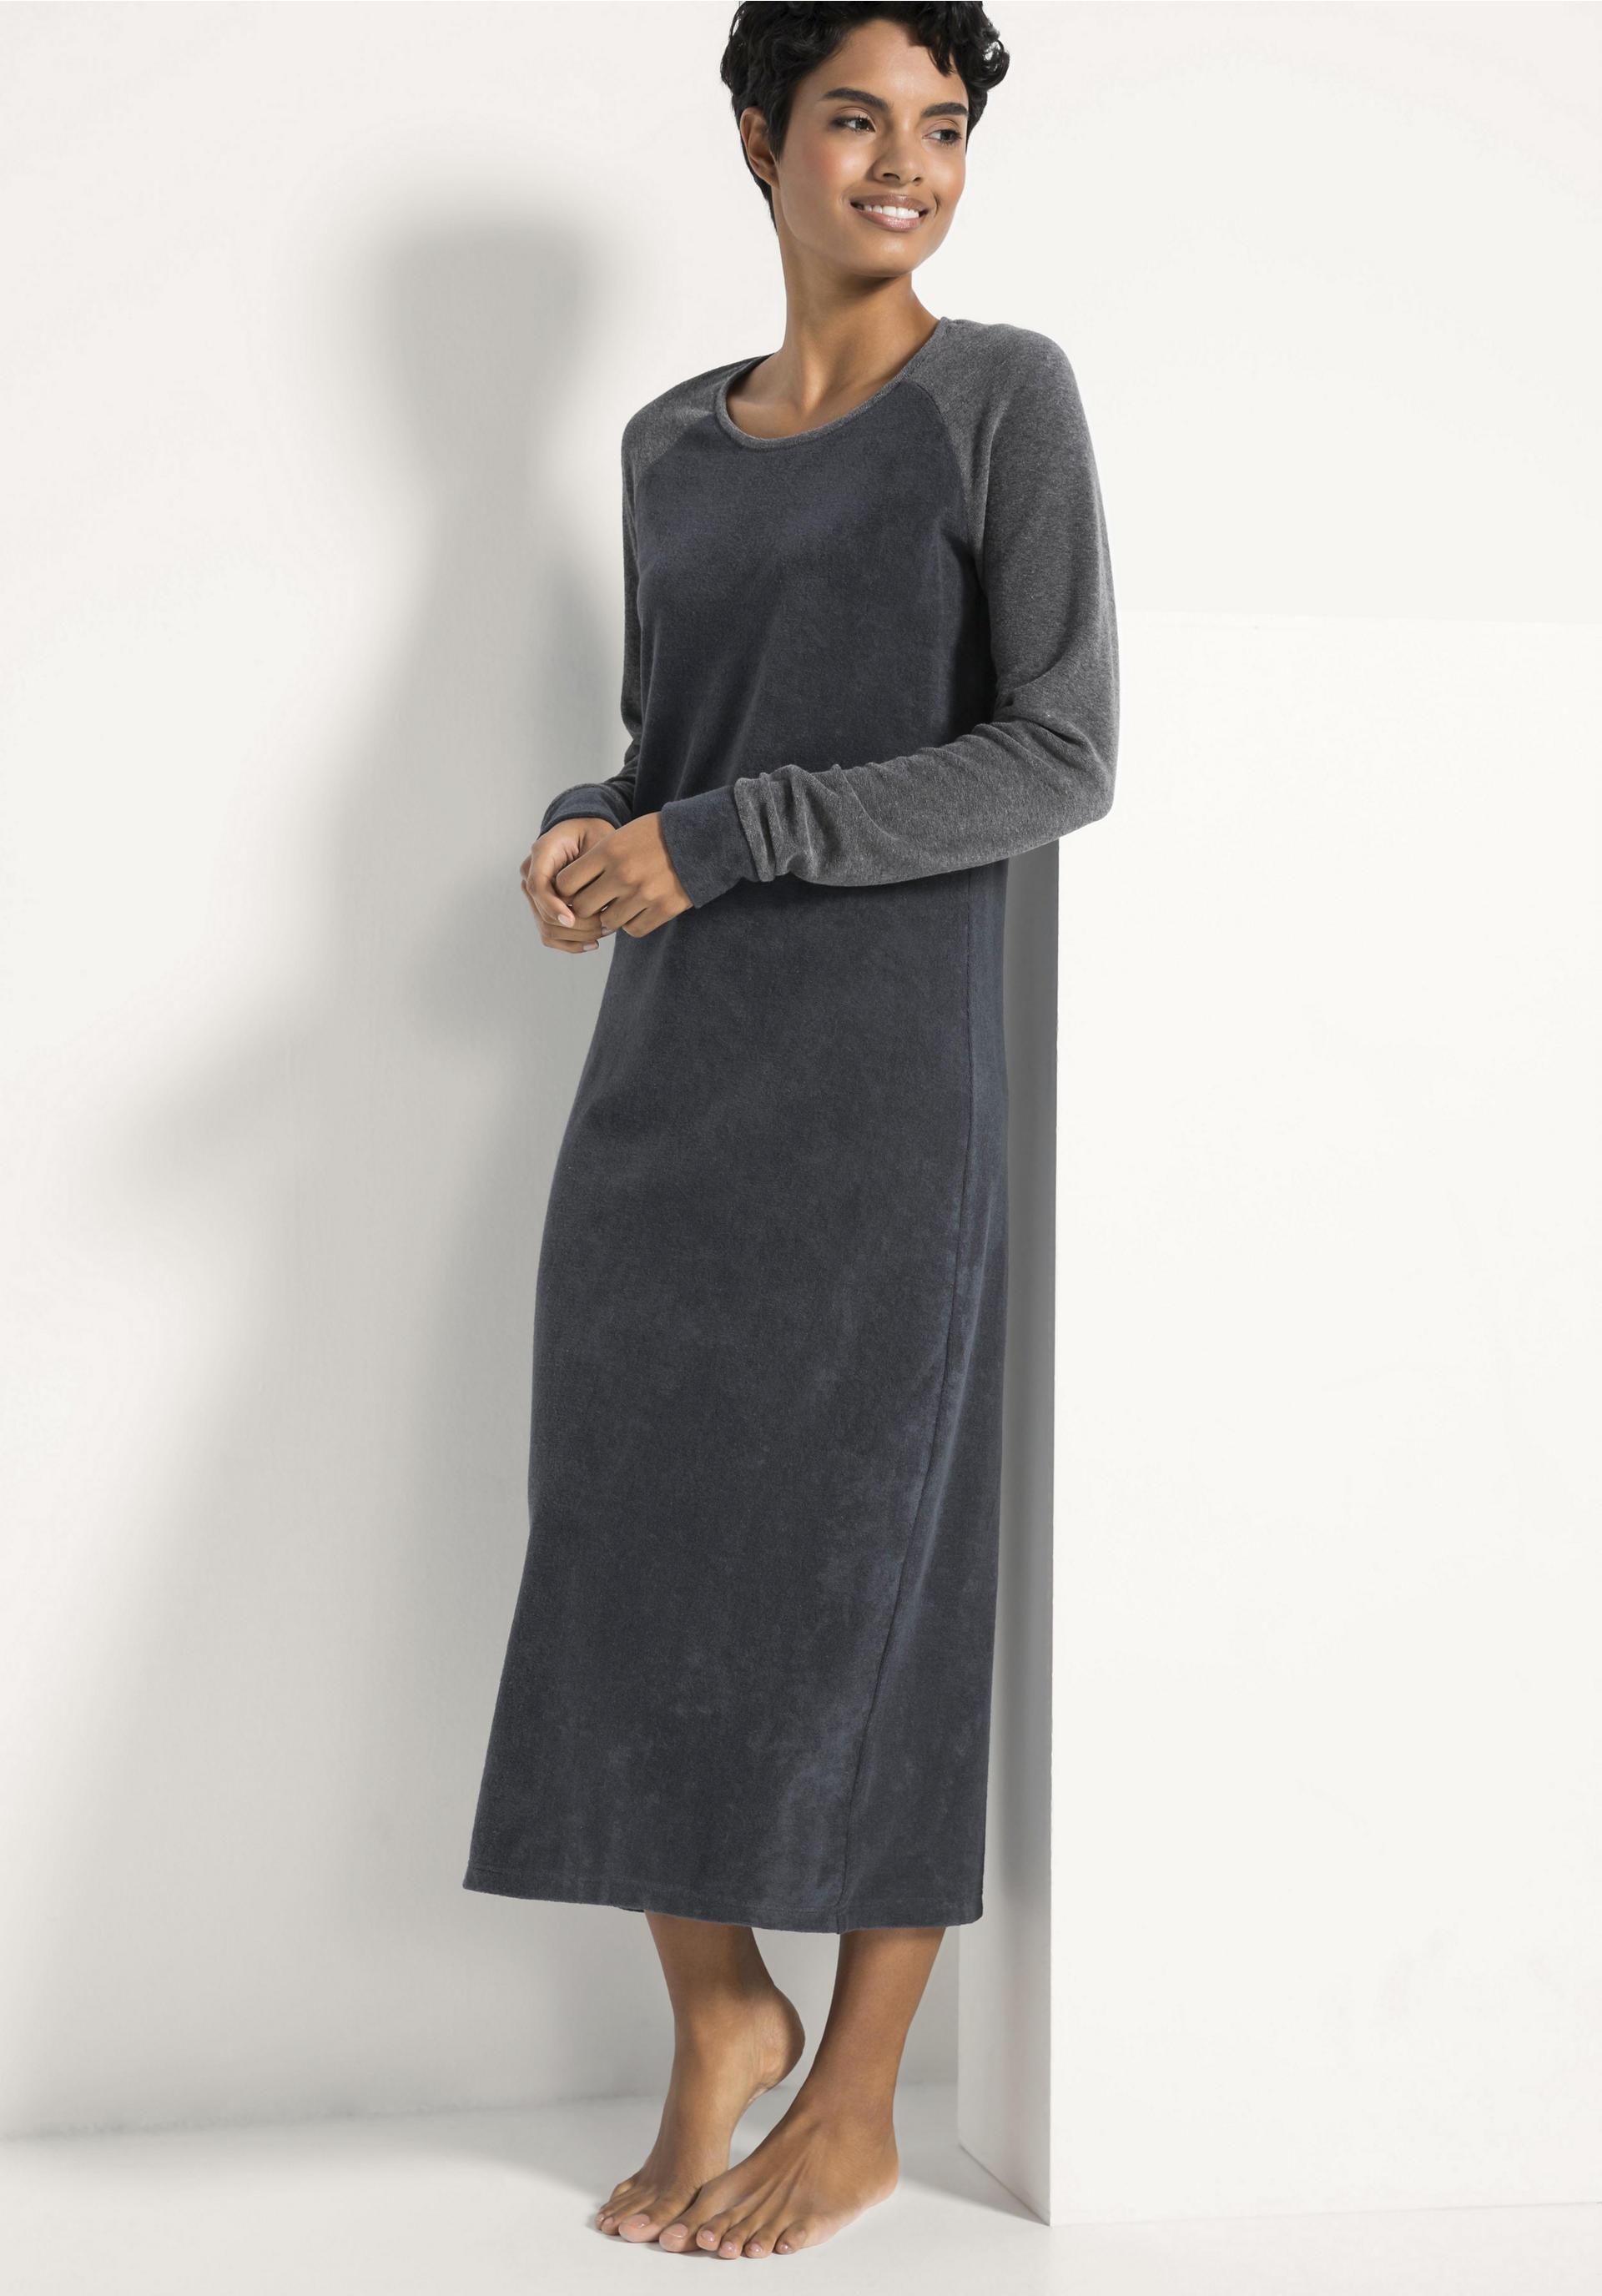 reputable site a0a80 45965 Langes Frottee-Nachthemd aus reiner Bio-Baumwolle von hessnatur